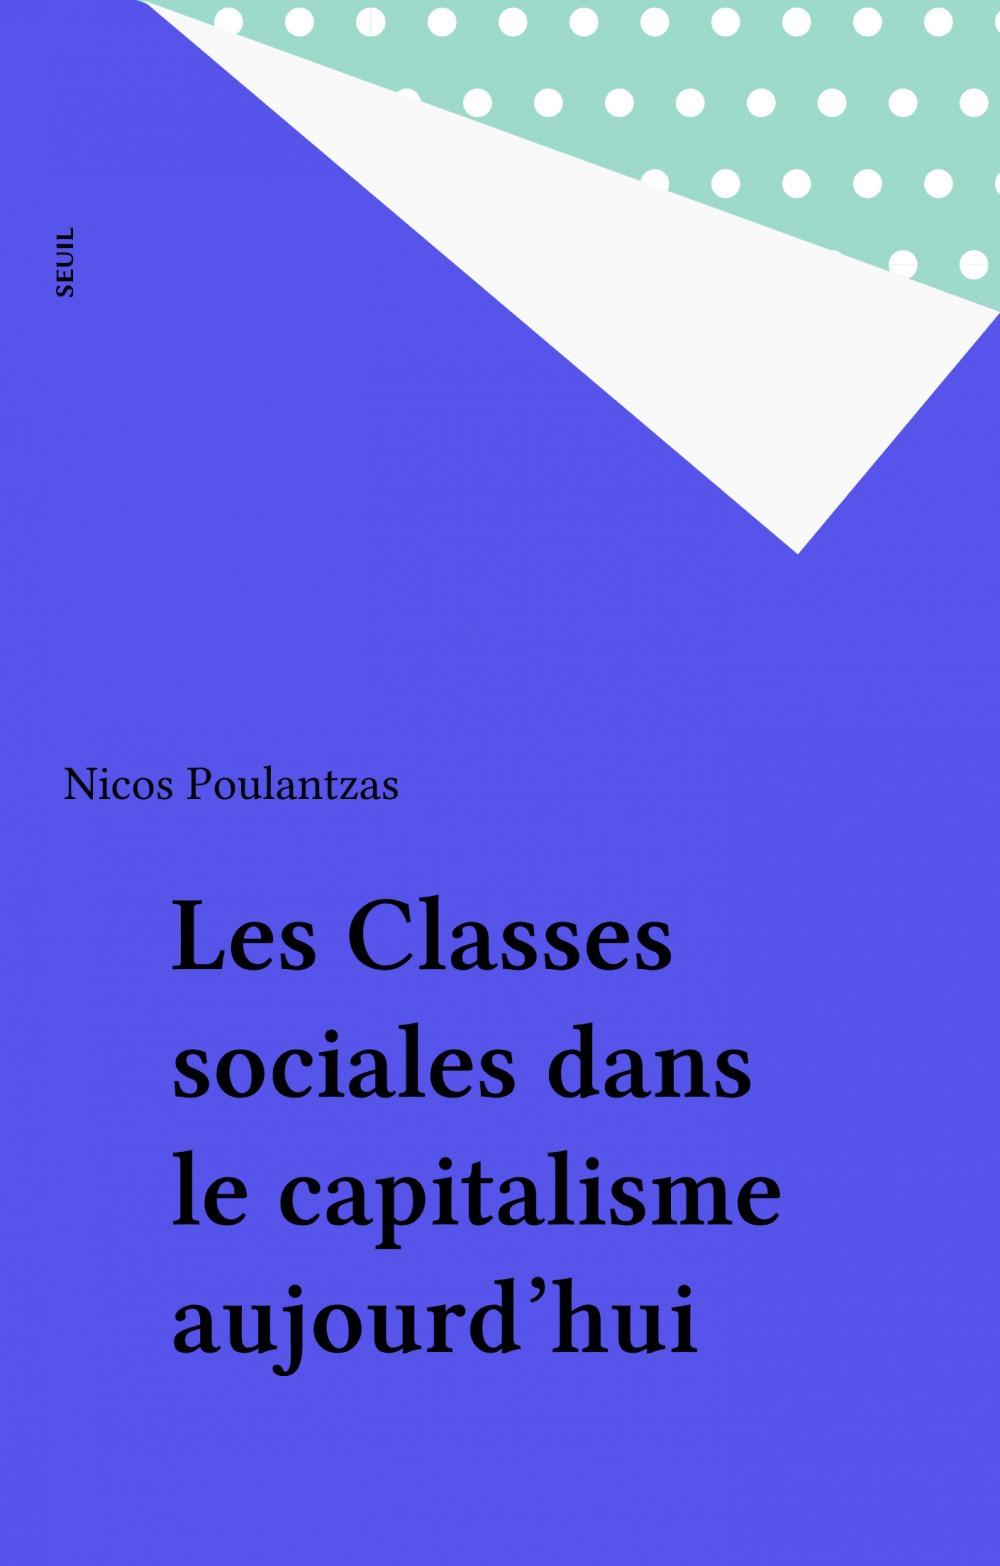 Classes sociales dans le capitalisme aujourd'hui (les)